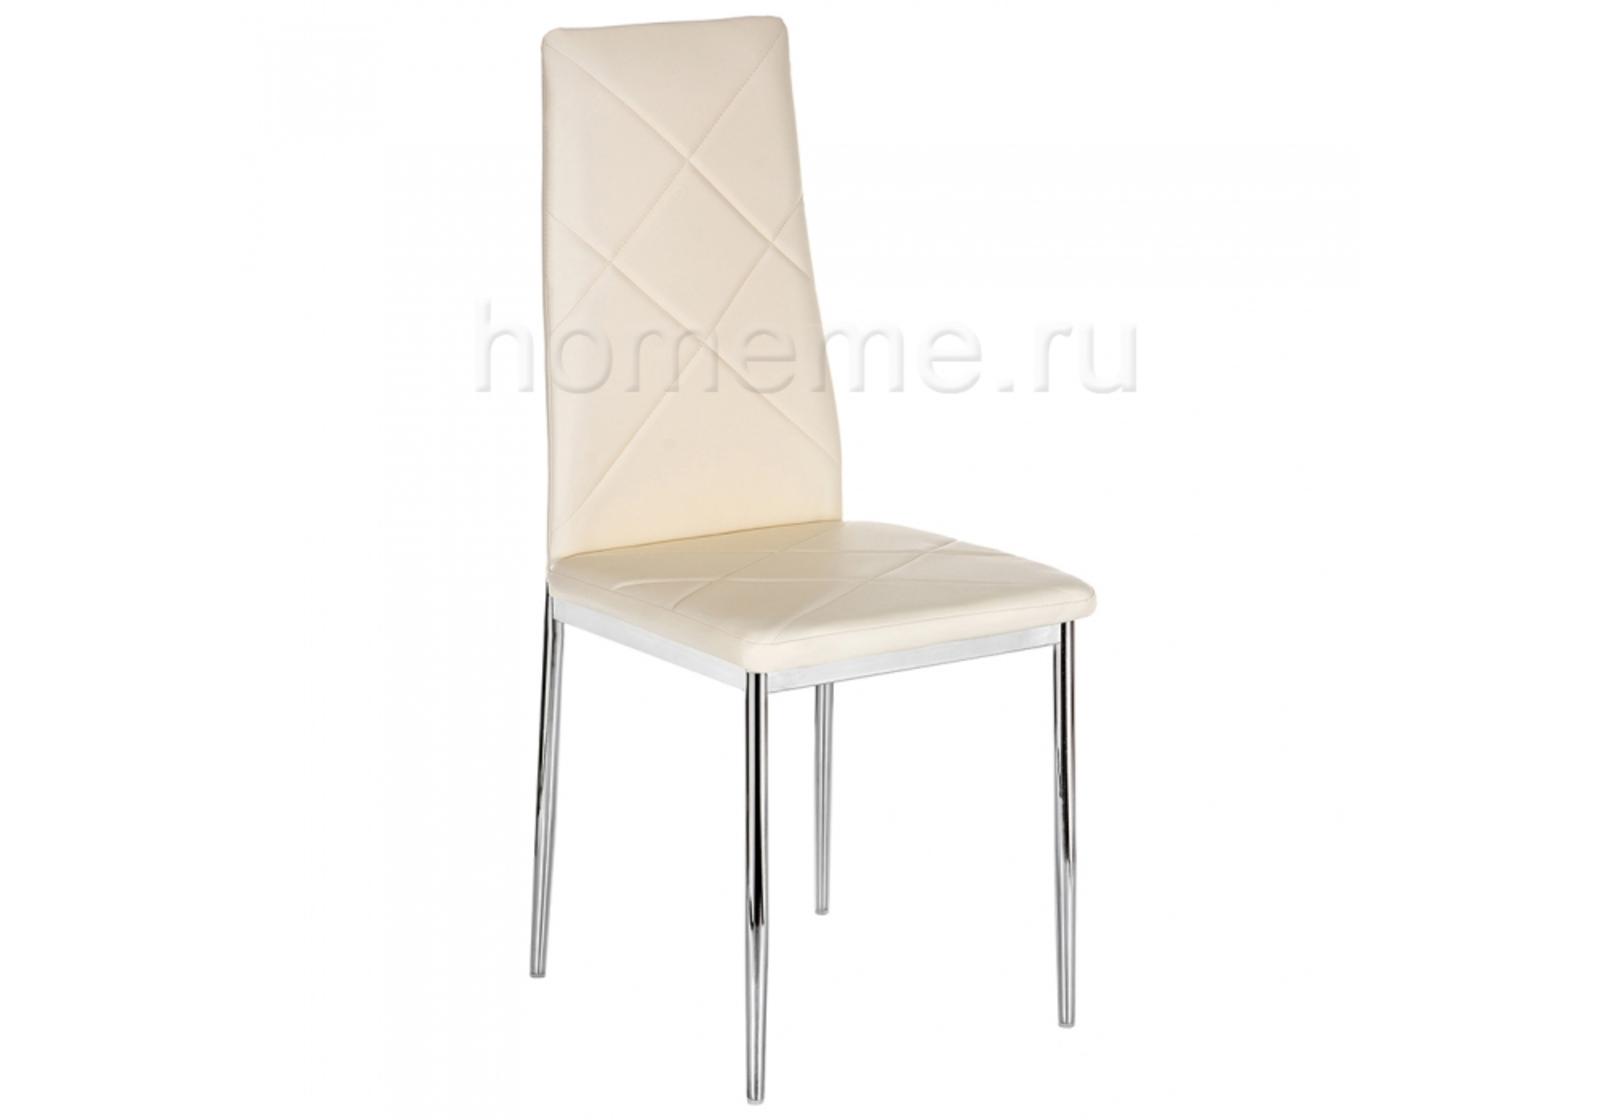 Стул HomeMe Most кремовый 11101 от Homeme.ru